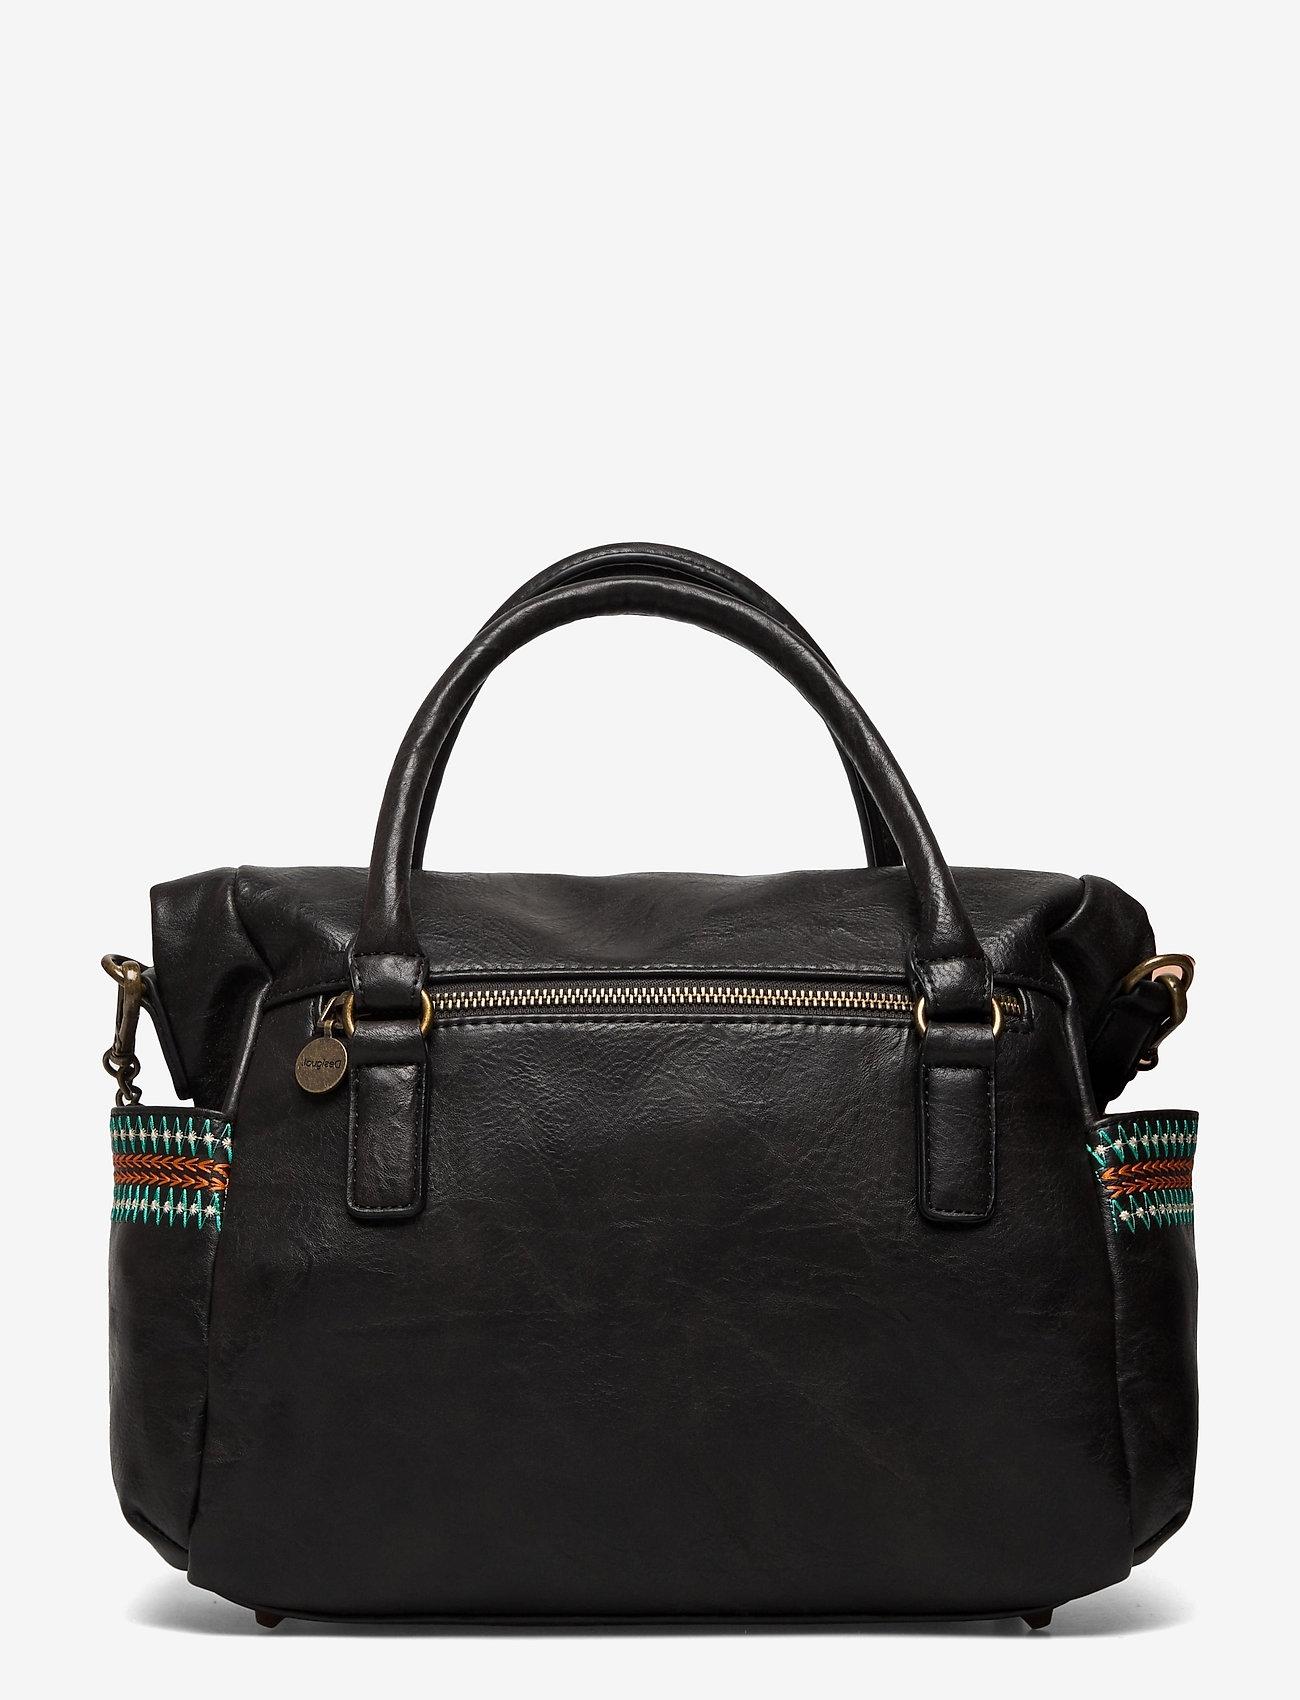 Desigual Accessories - BOLS CARLINA LOVERTY - handväskor - marron oscuro - 1